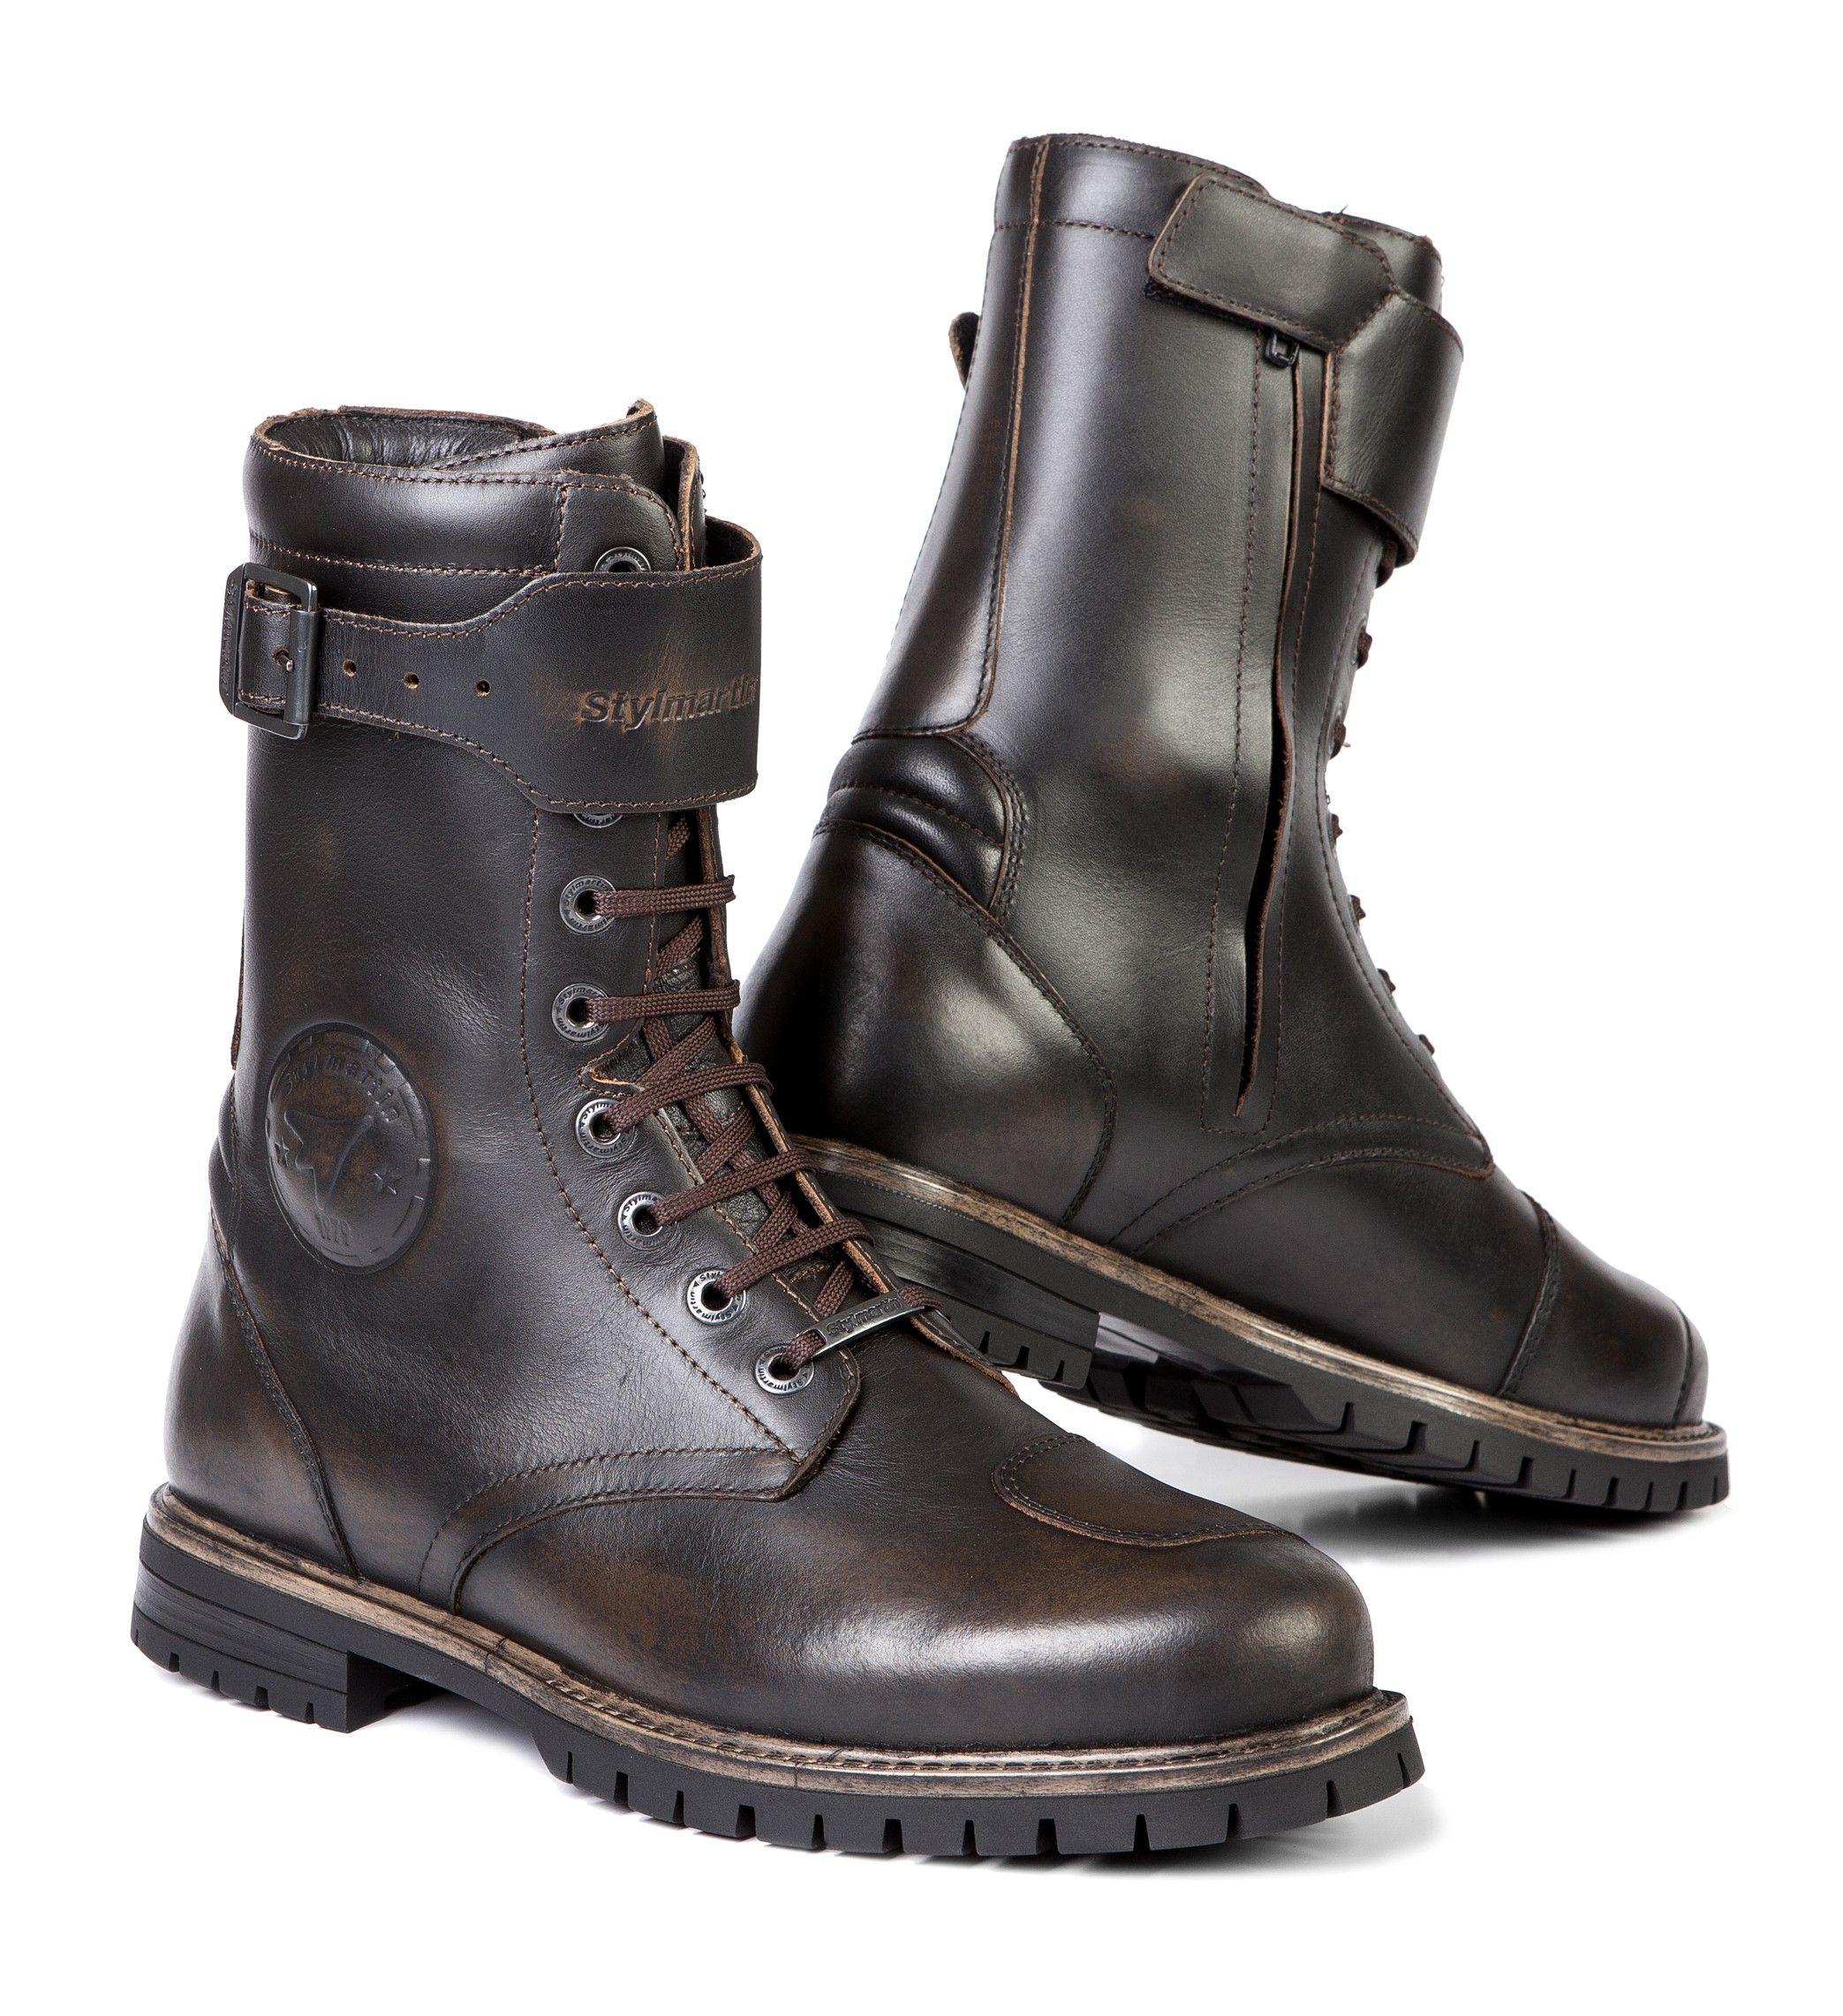 Brown motorcycle boots, Waterproof